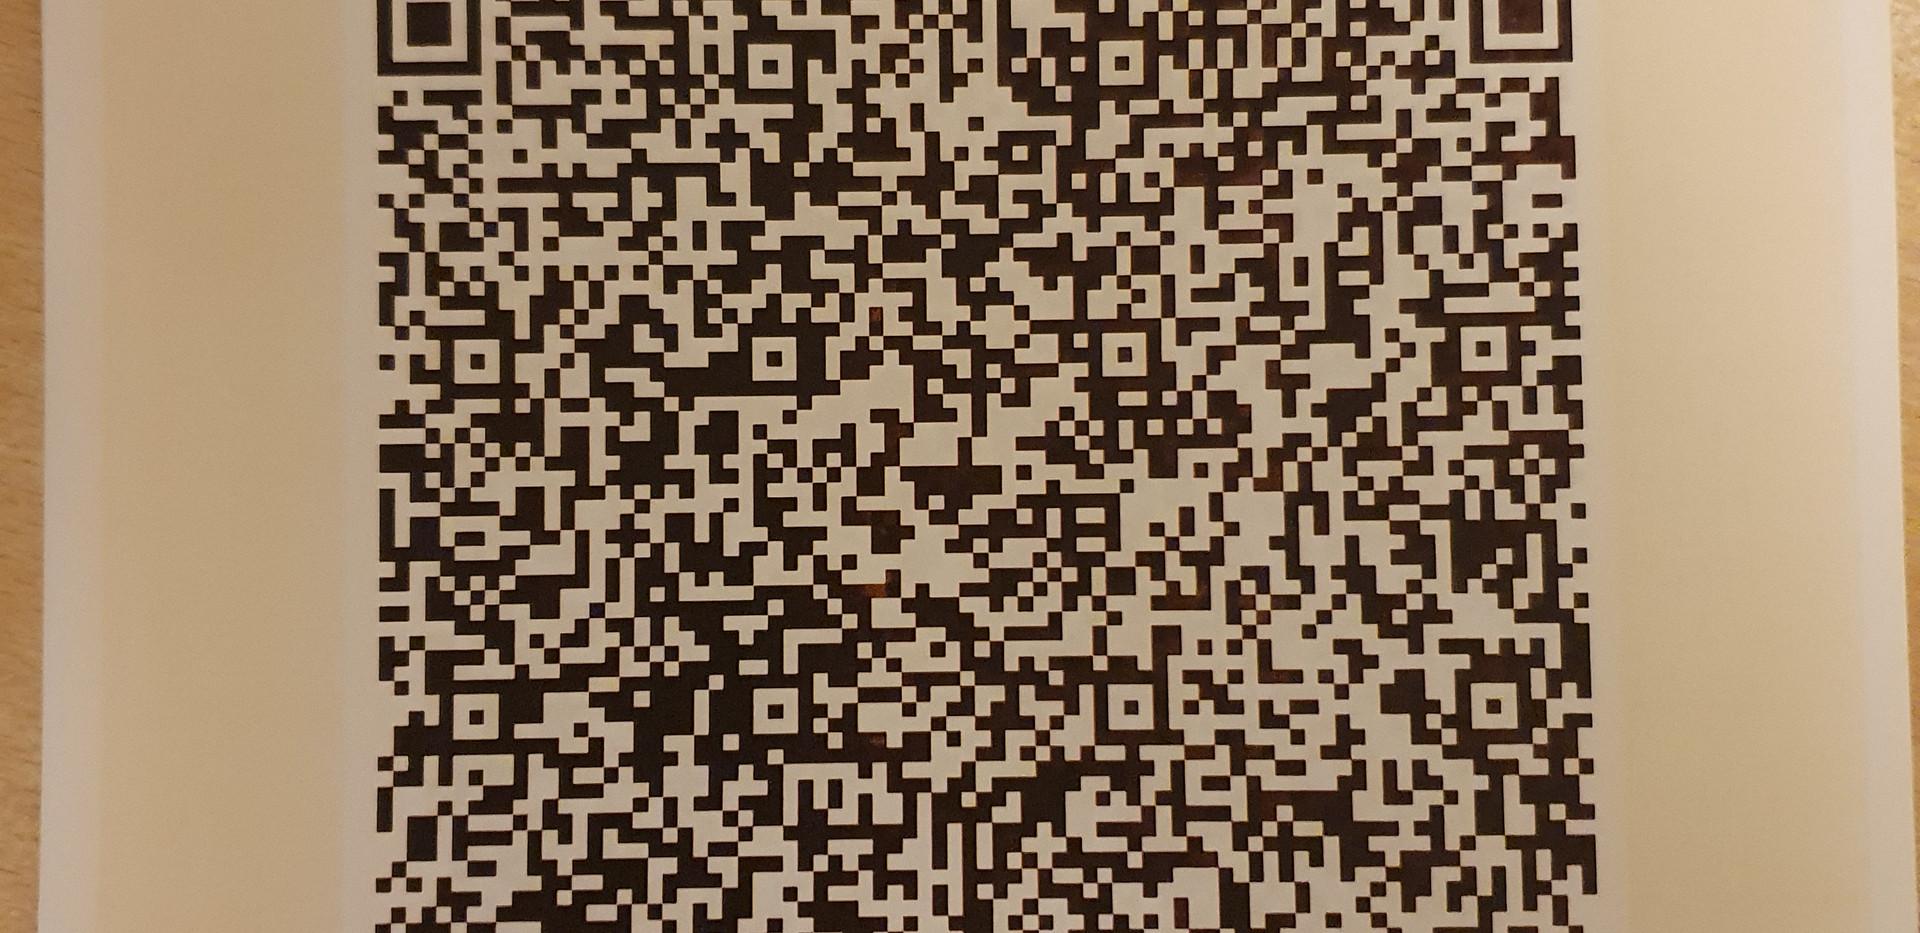 20201019_222822.jpg